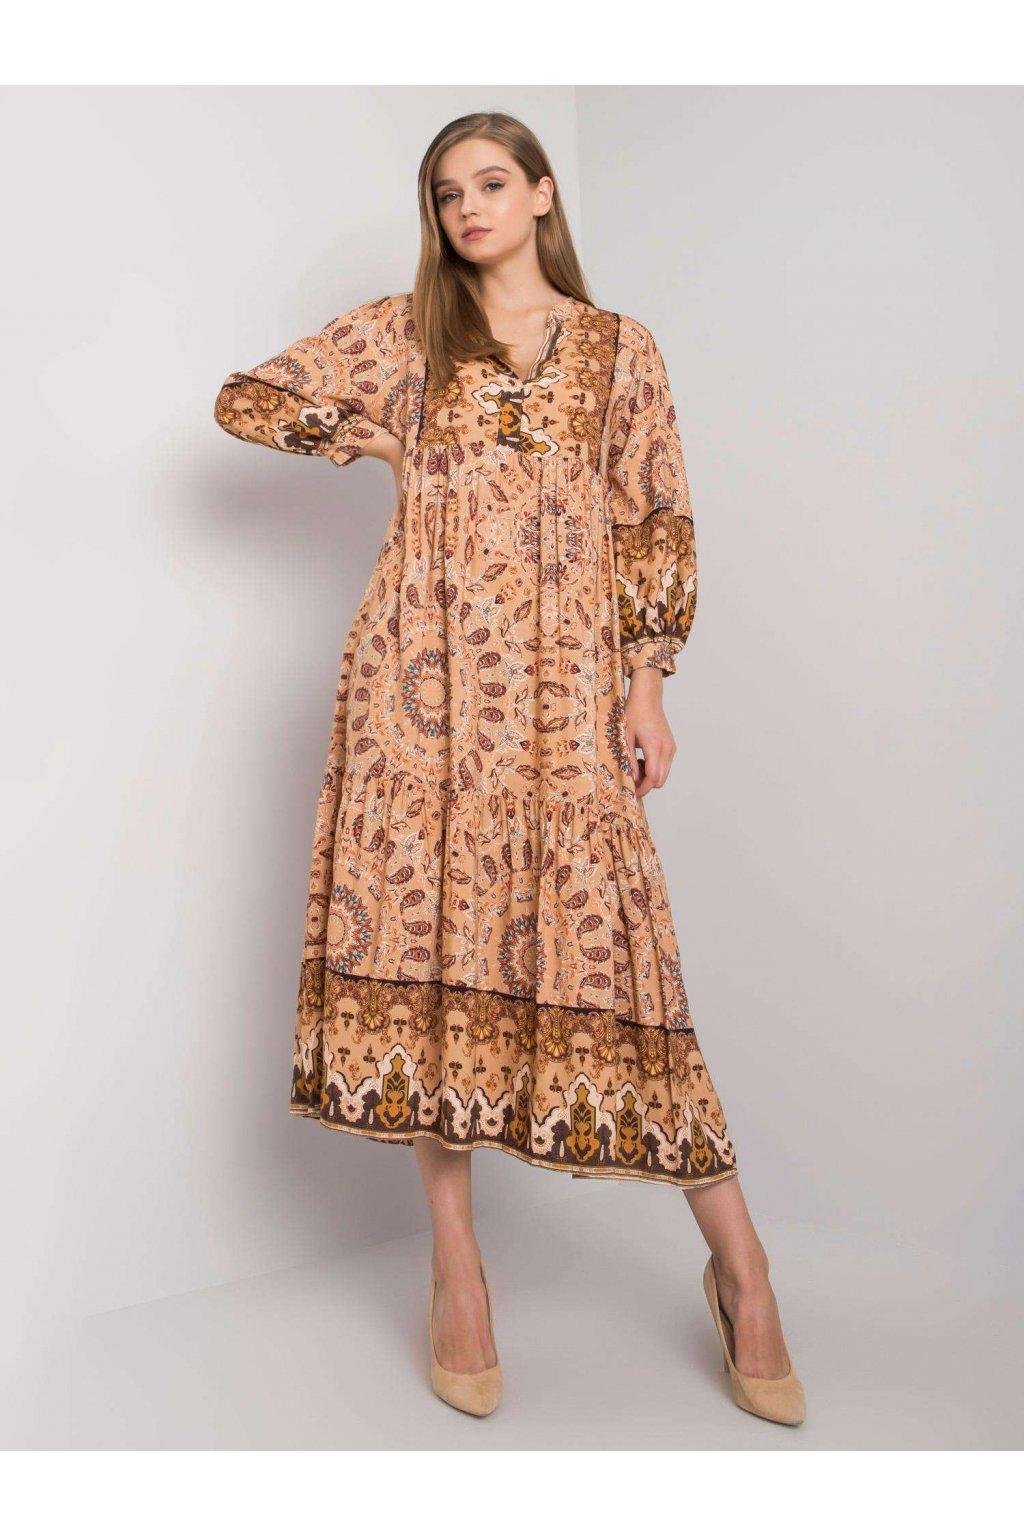 Béžové voľné šaty vzorované TW-SK-BI-H3787.40X